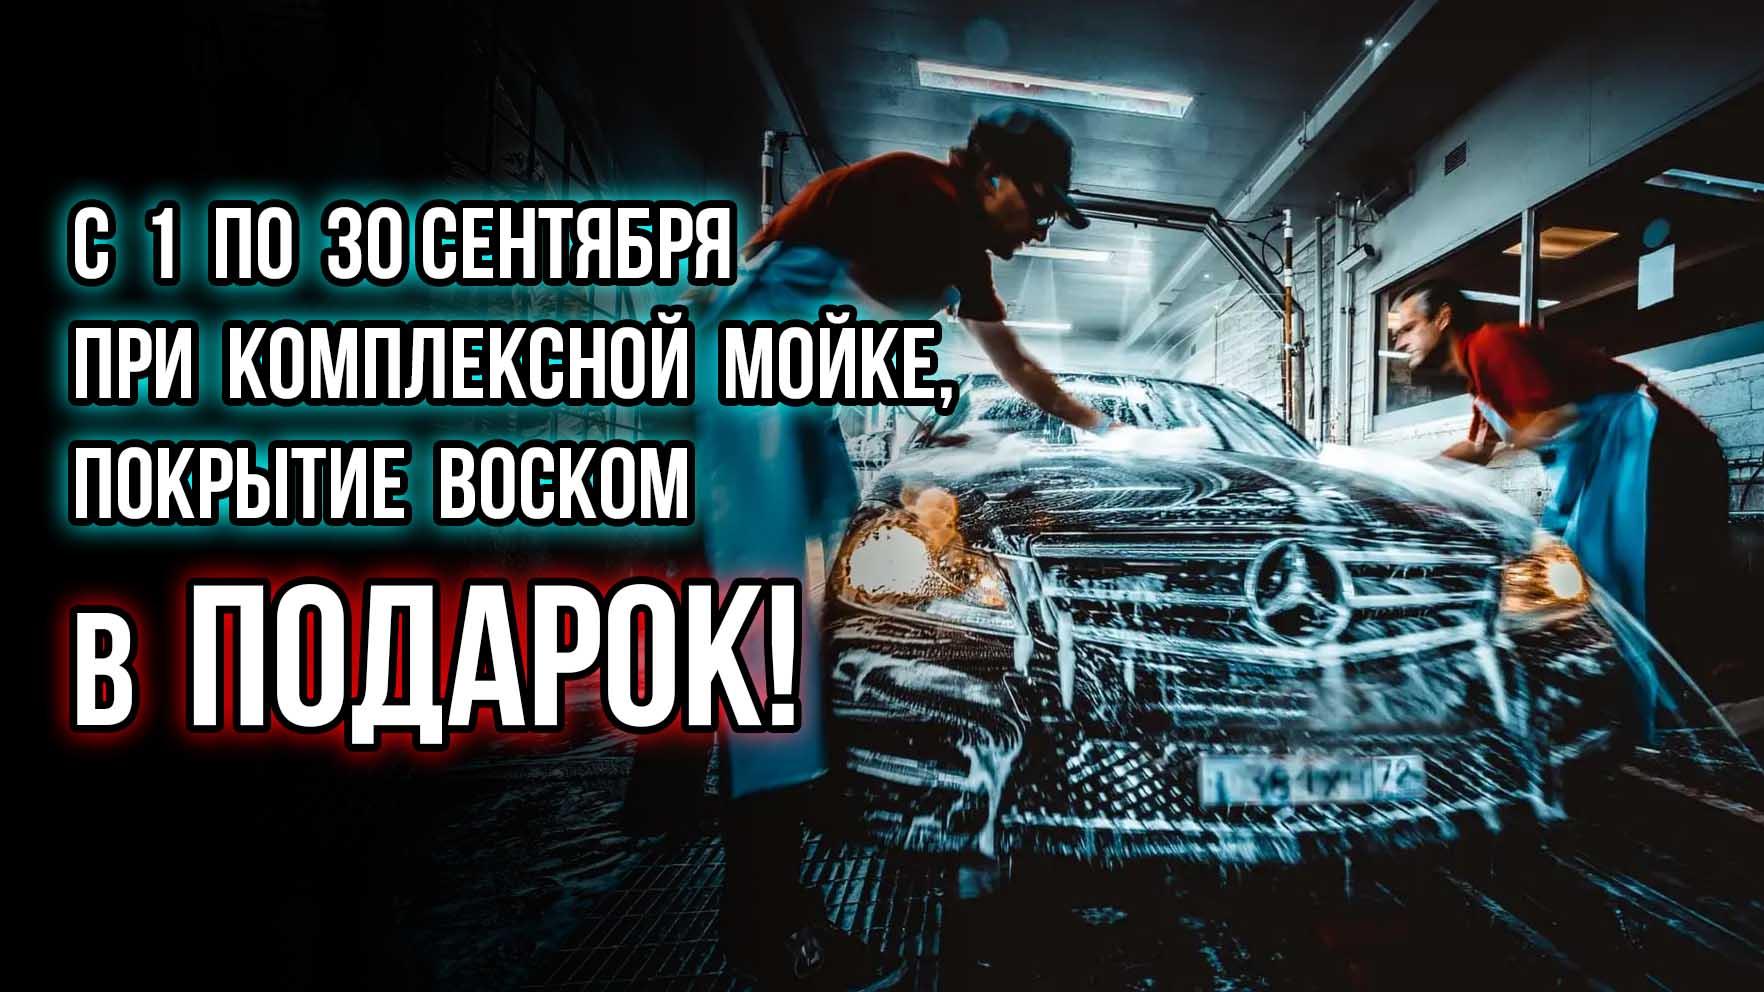 Покрытие воском В ПОДАРОК!